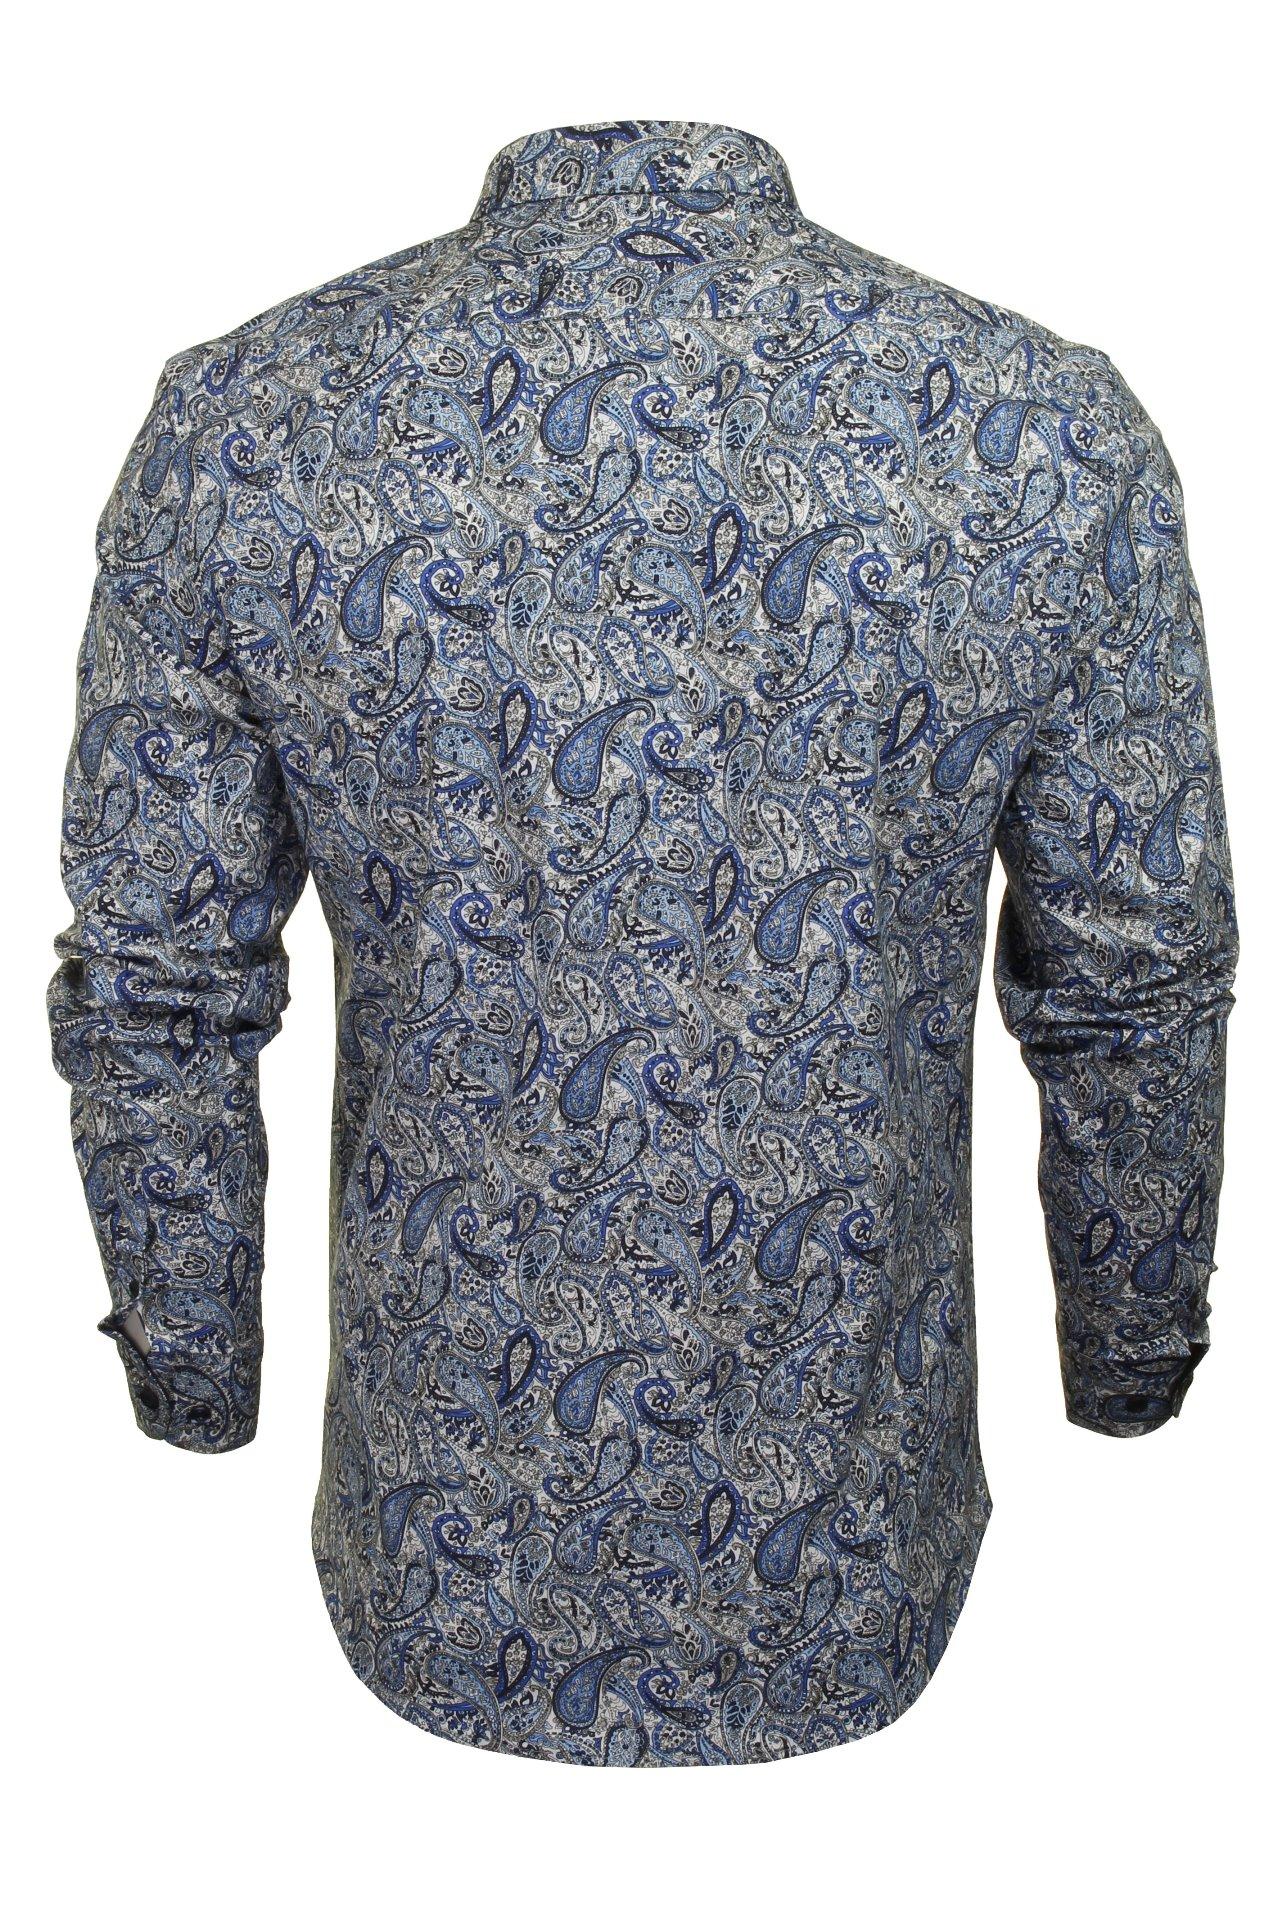 Xact-Mens-Long-Sleeved-Paisley-Shirt-Slim-Fit thumbnail 6